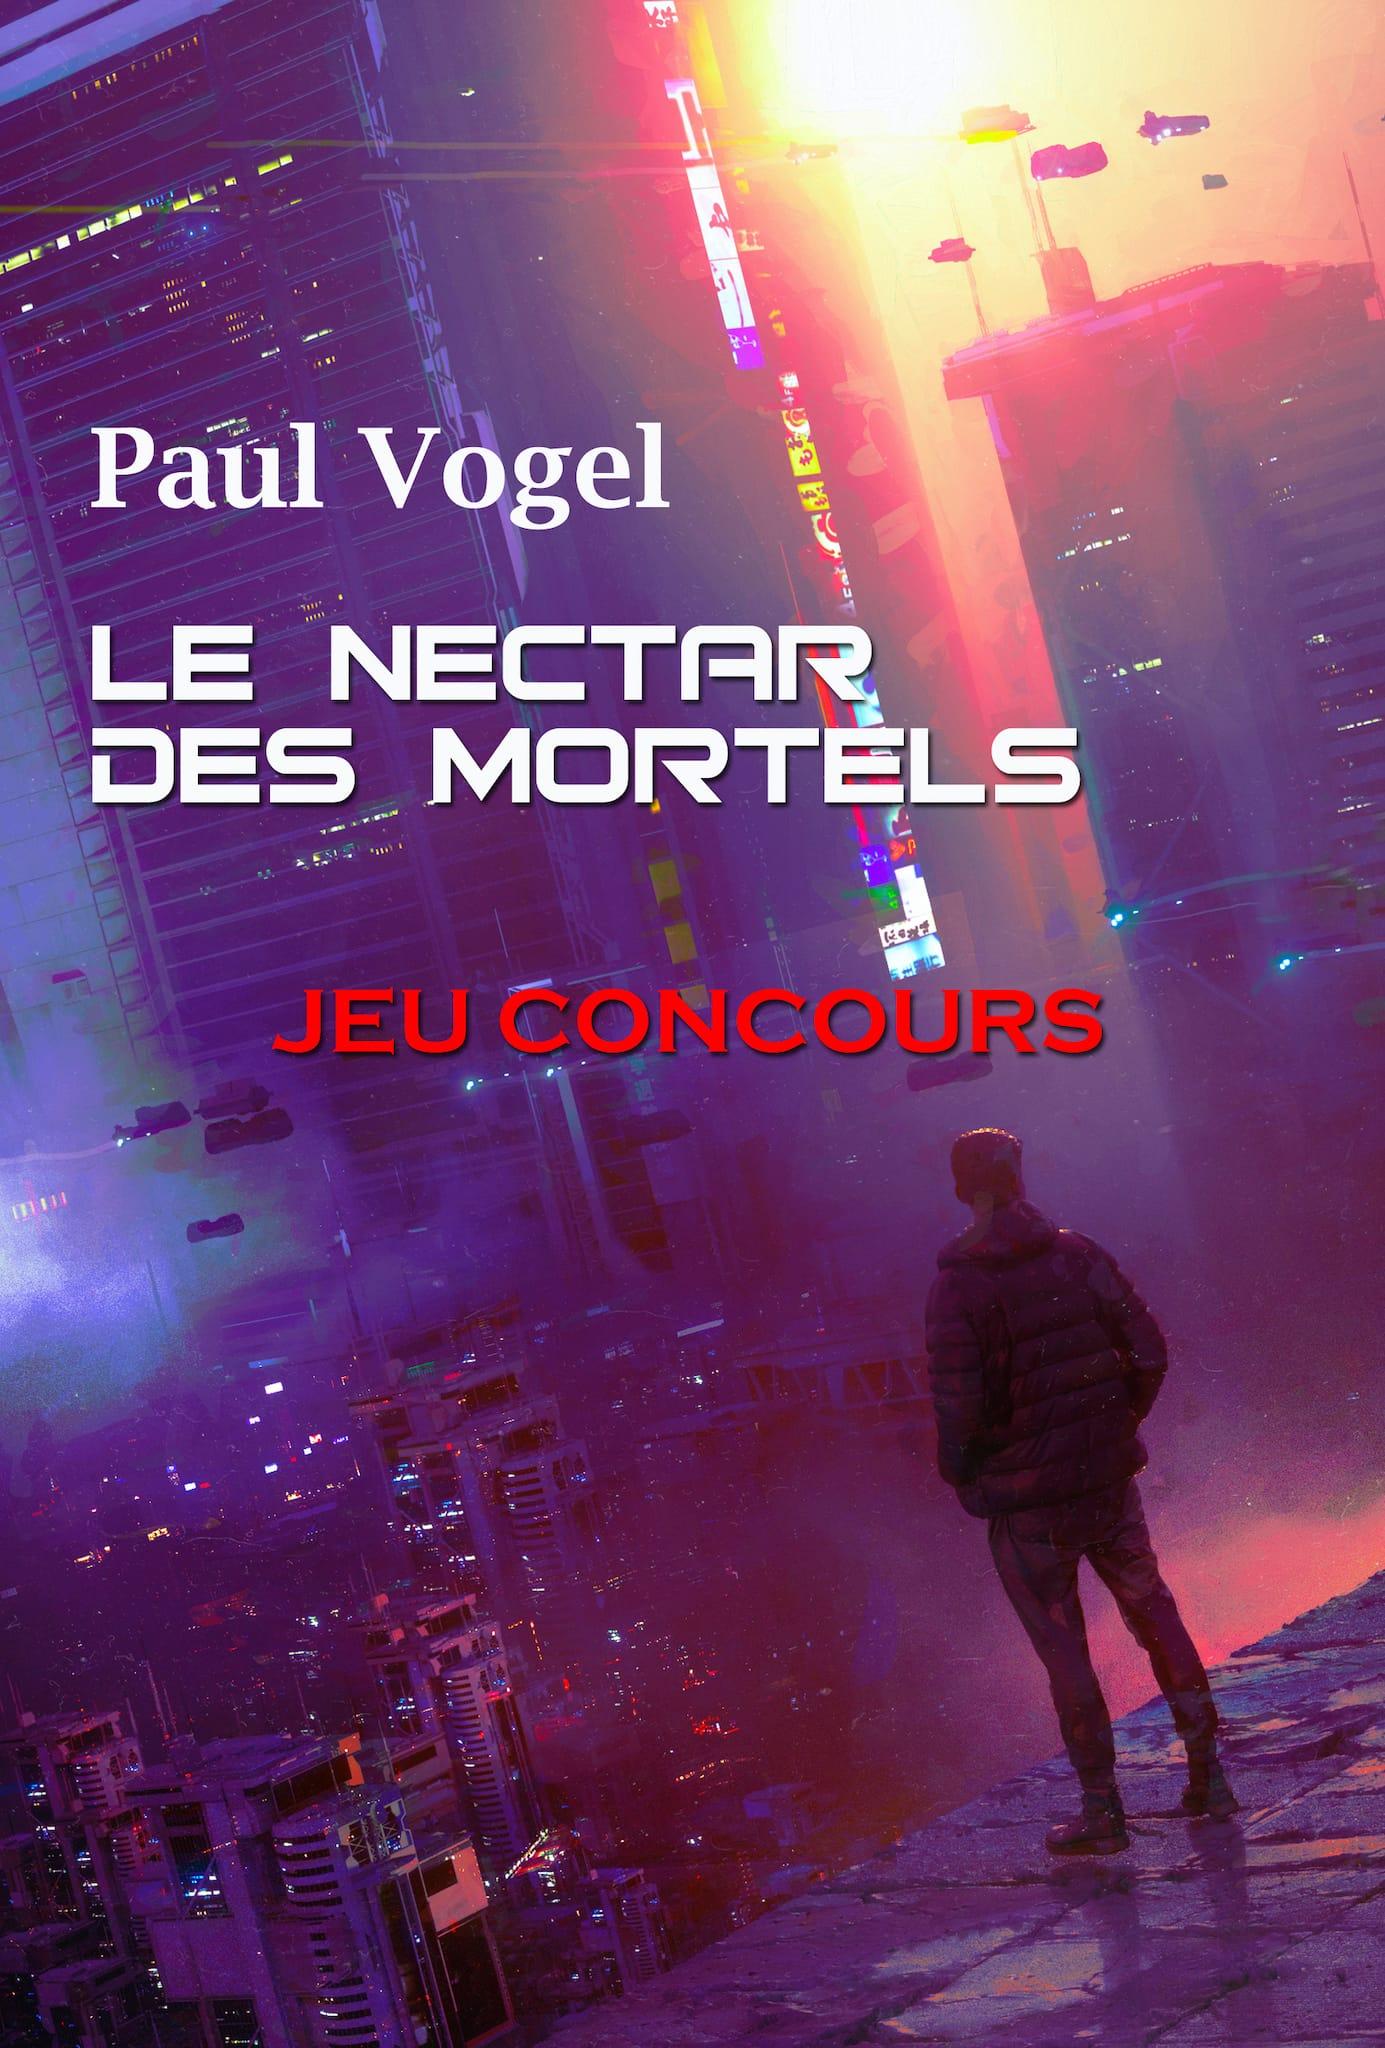 Concours Le Nectar des Mortels visuel livre